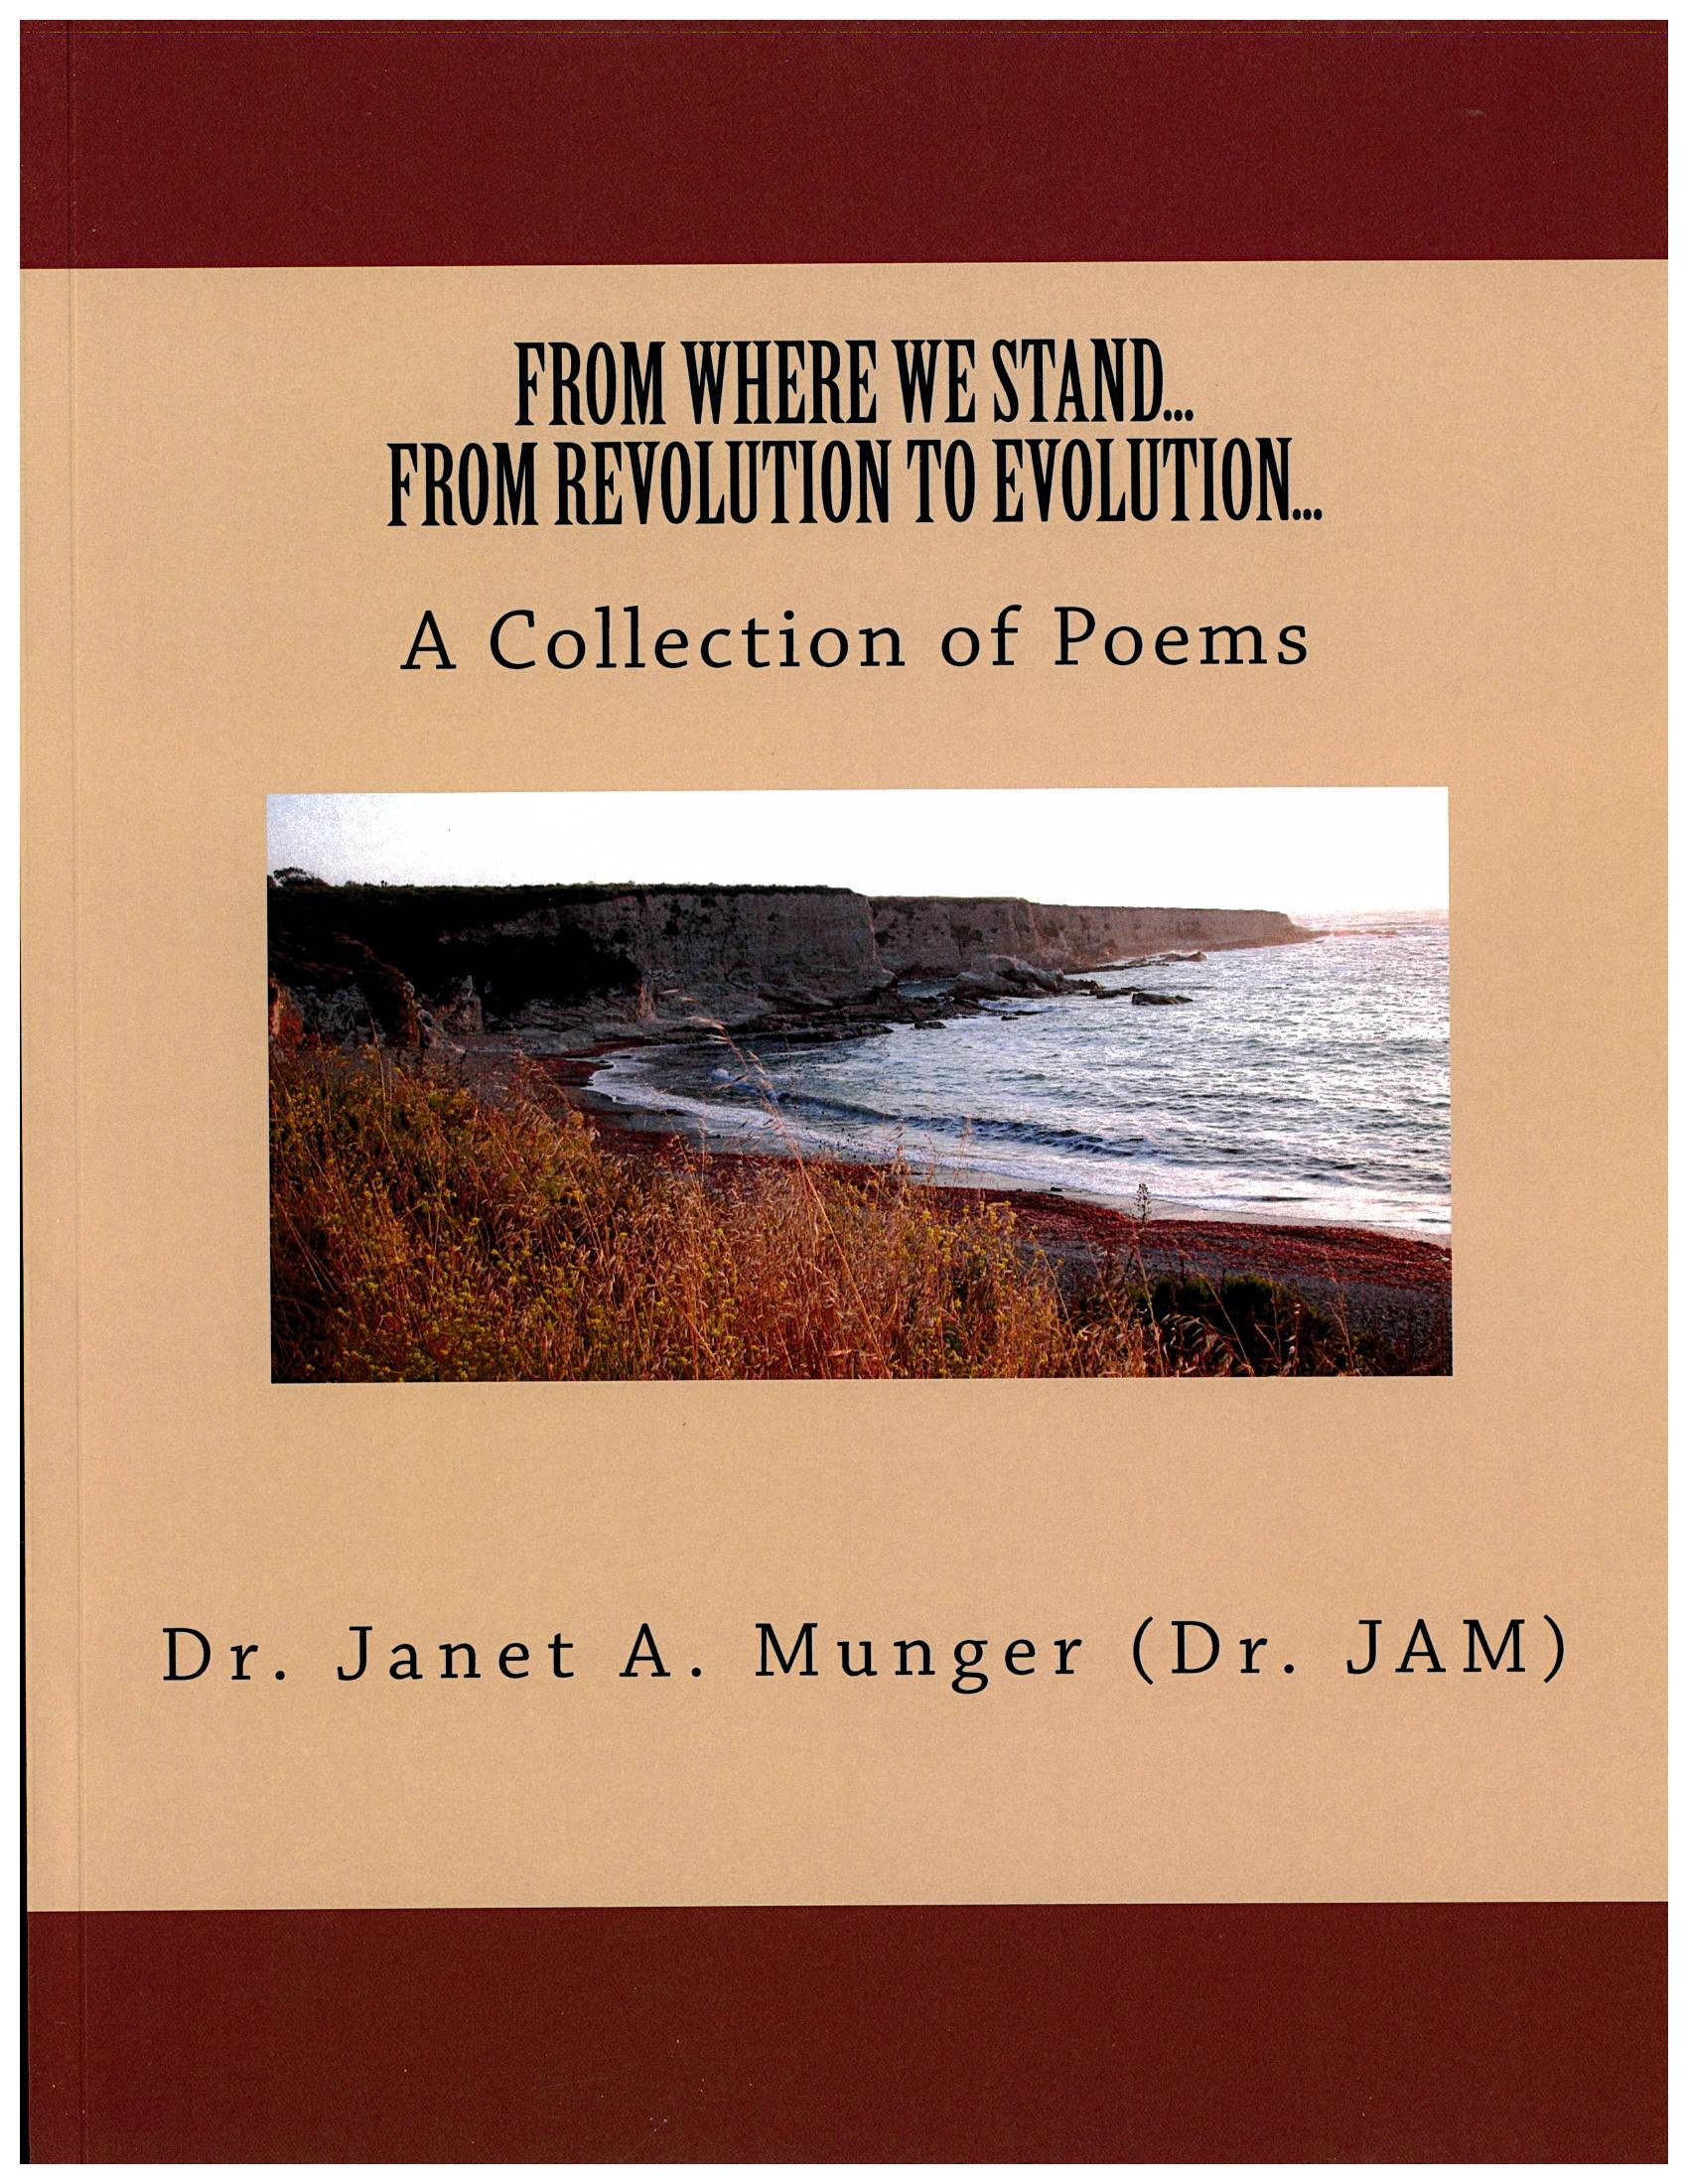 dea2812d31f1e53c5a0c_Facebook_JPG_Collection_of_Poems_img-170117151704Collection_of_Poems_01-17-17.jpg